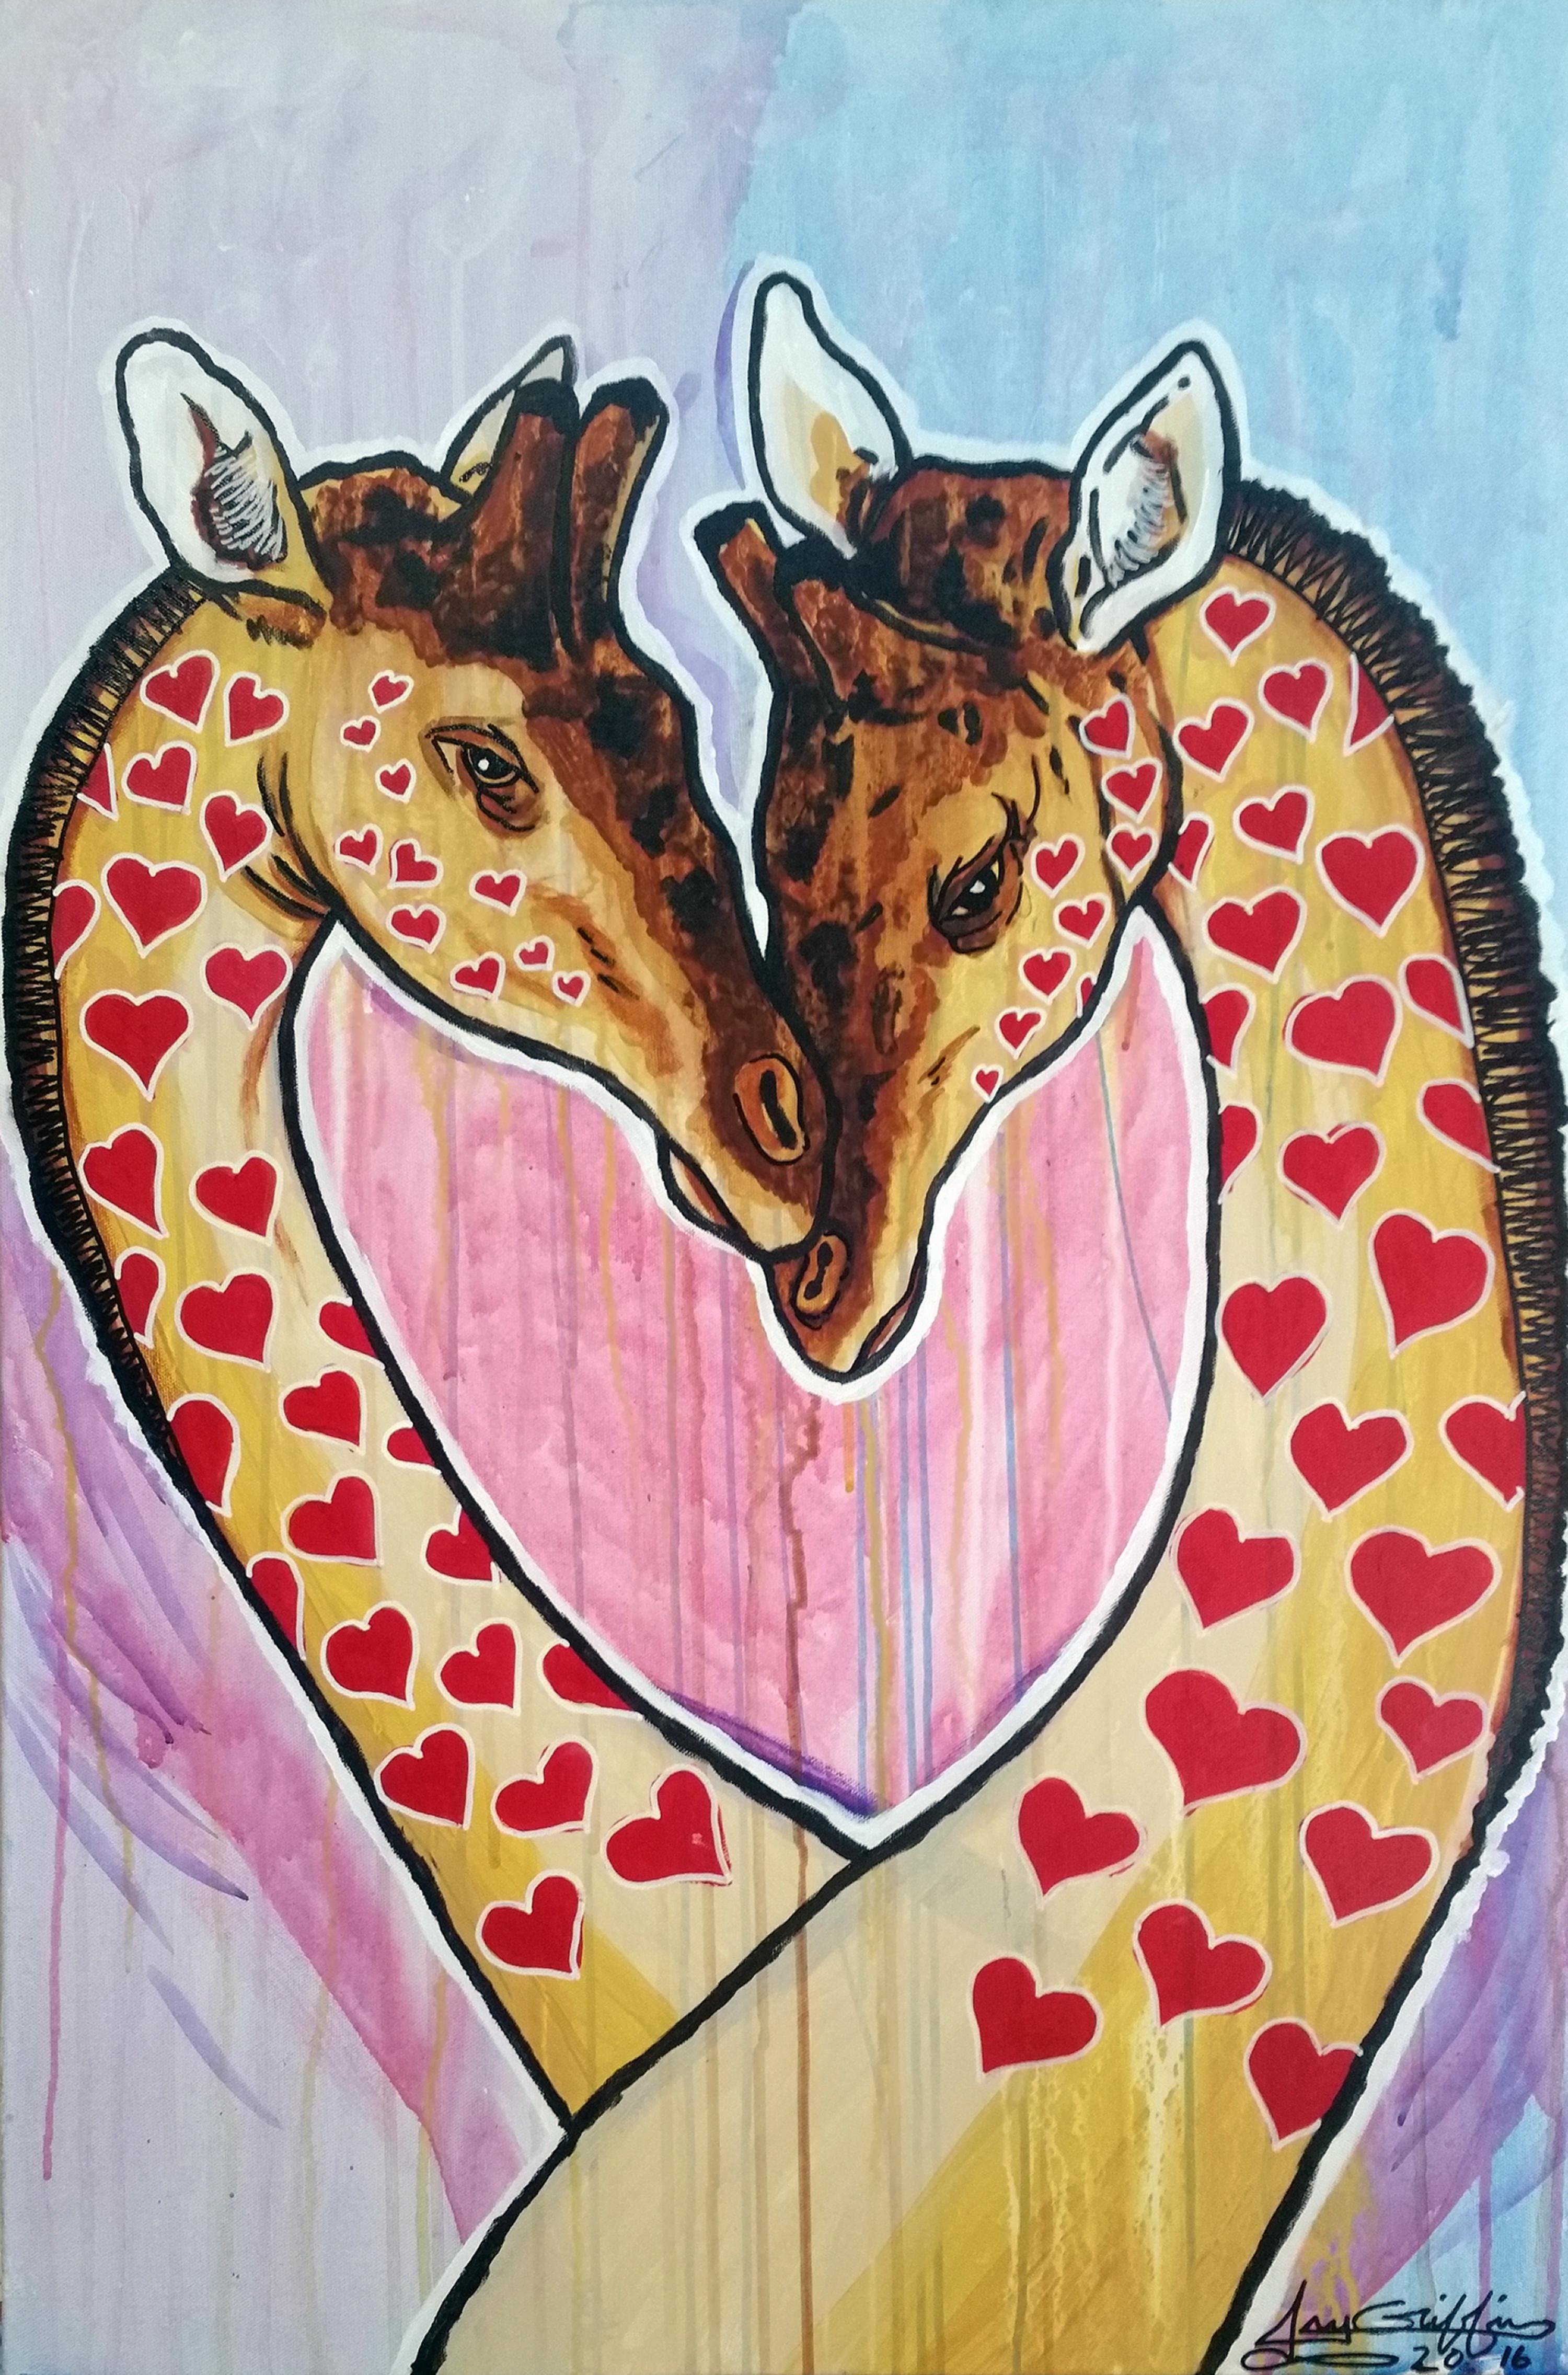 Giraffes 2 sold